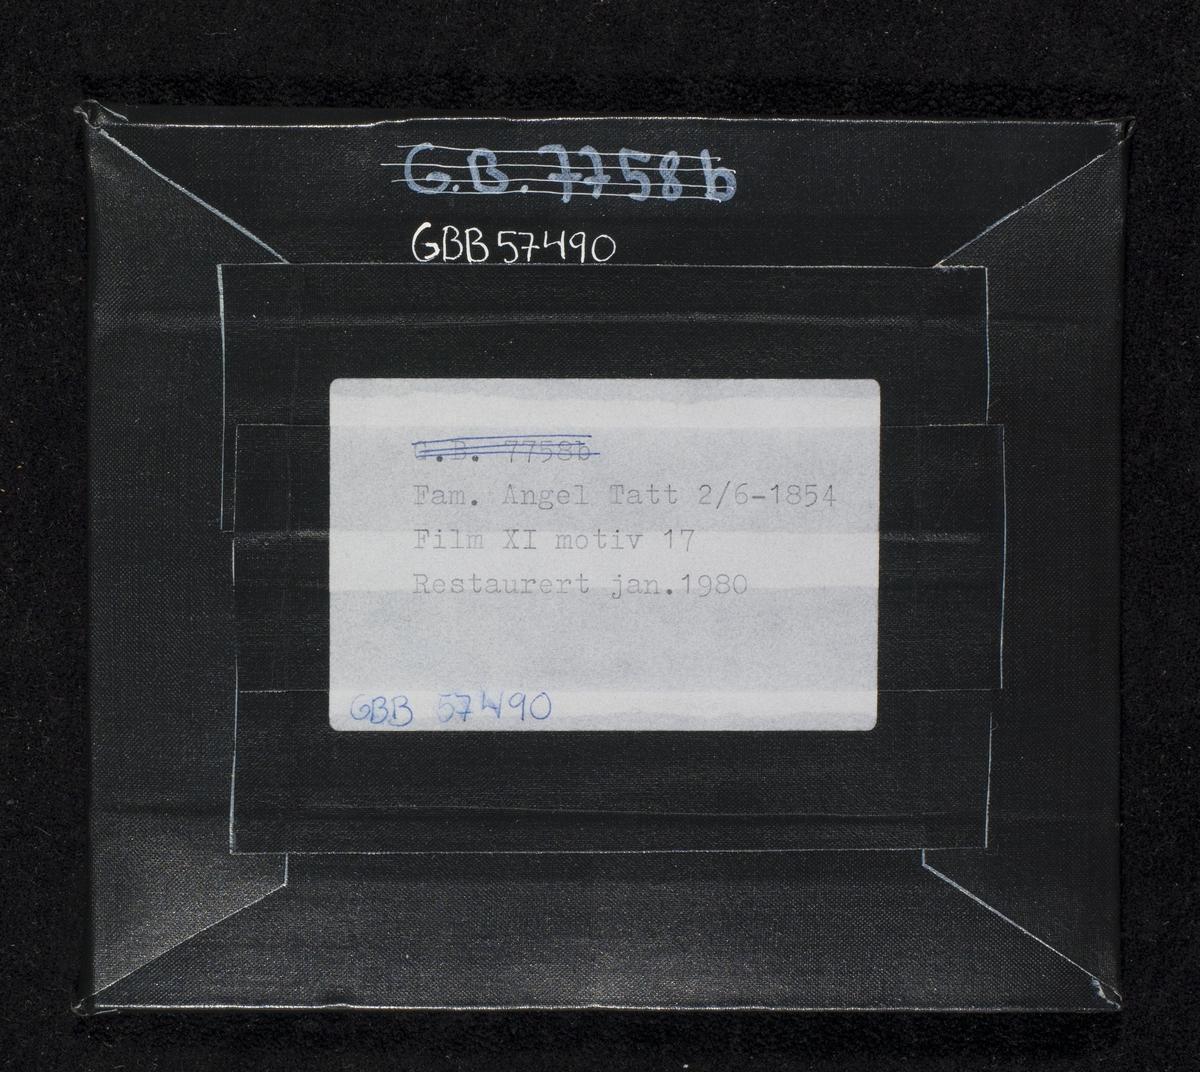 Daguerreotypi av familien Angell. Håndkolorerte hudtoner. F.v.: Artillerikaptein Cornelius Angell (1812-1874), Knut Andreas Angell (1845-1928), Mathilde Angell f. Wiel (1819-1857), Johannes Wiel Angell (1848-1982).  Alle daguerreotypier viser motivet speilvendt. Dette bildet er refotografert i to eksemplarer (se relaterte objekter under) som viser de avbildede i en versjon lik den virkelige verden. Altså har fotografen skapt to speilvendte bilder av et allerede speilvendt bilde.